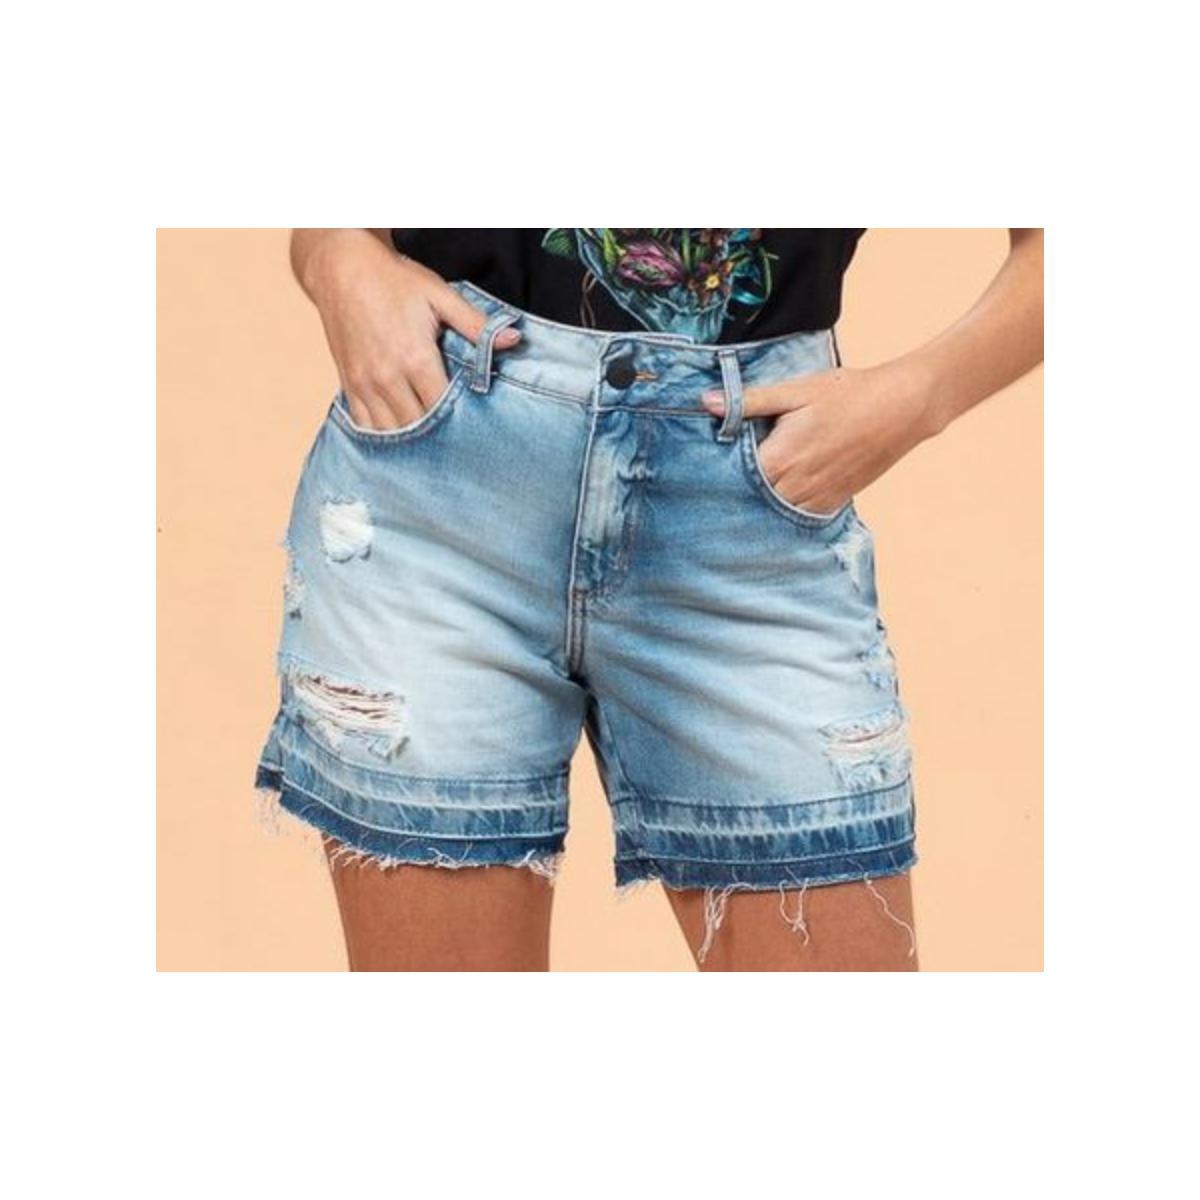 Bermuda Masculina Colcci 40102003 600 Jeans